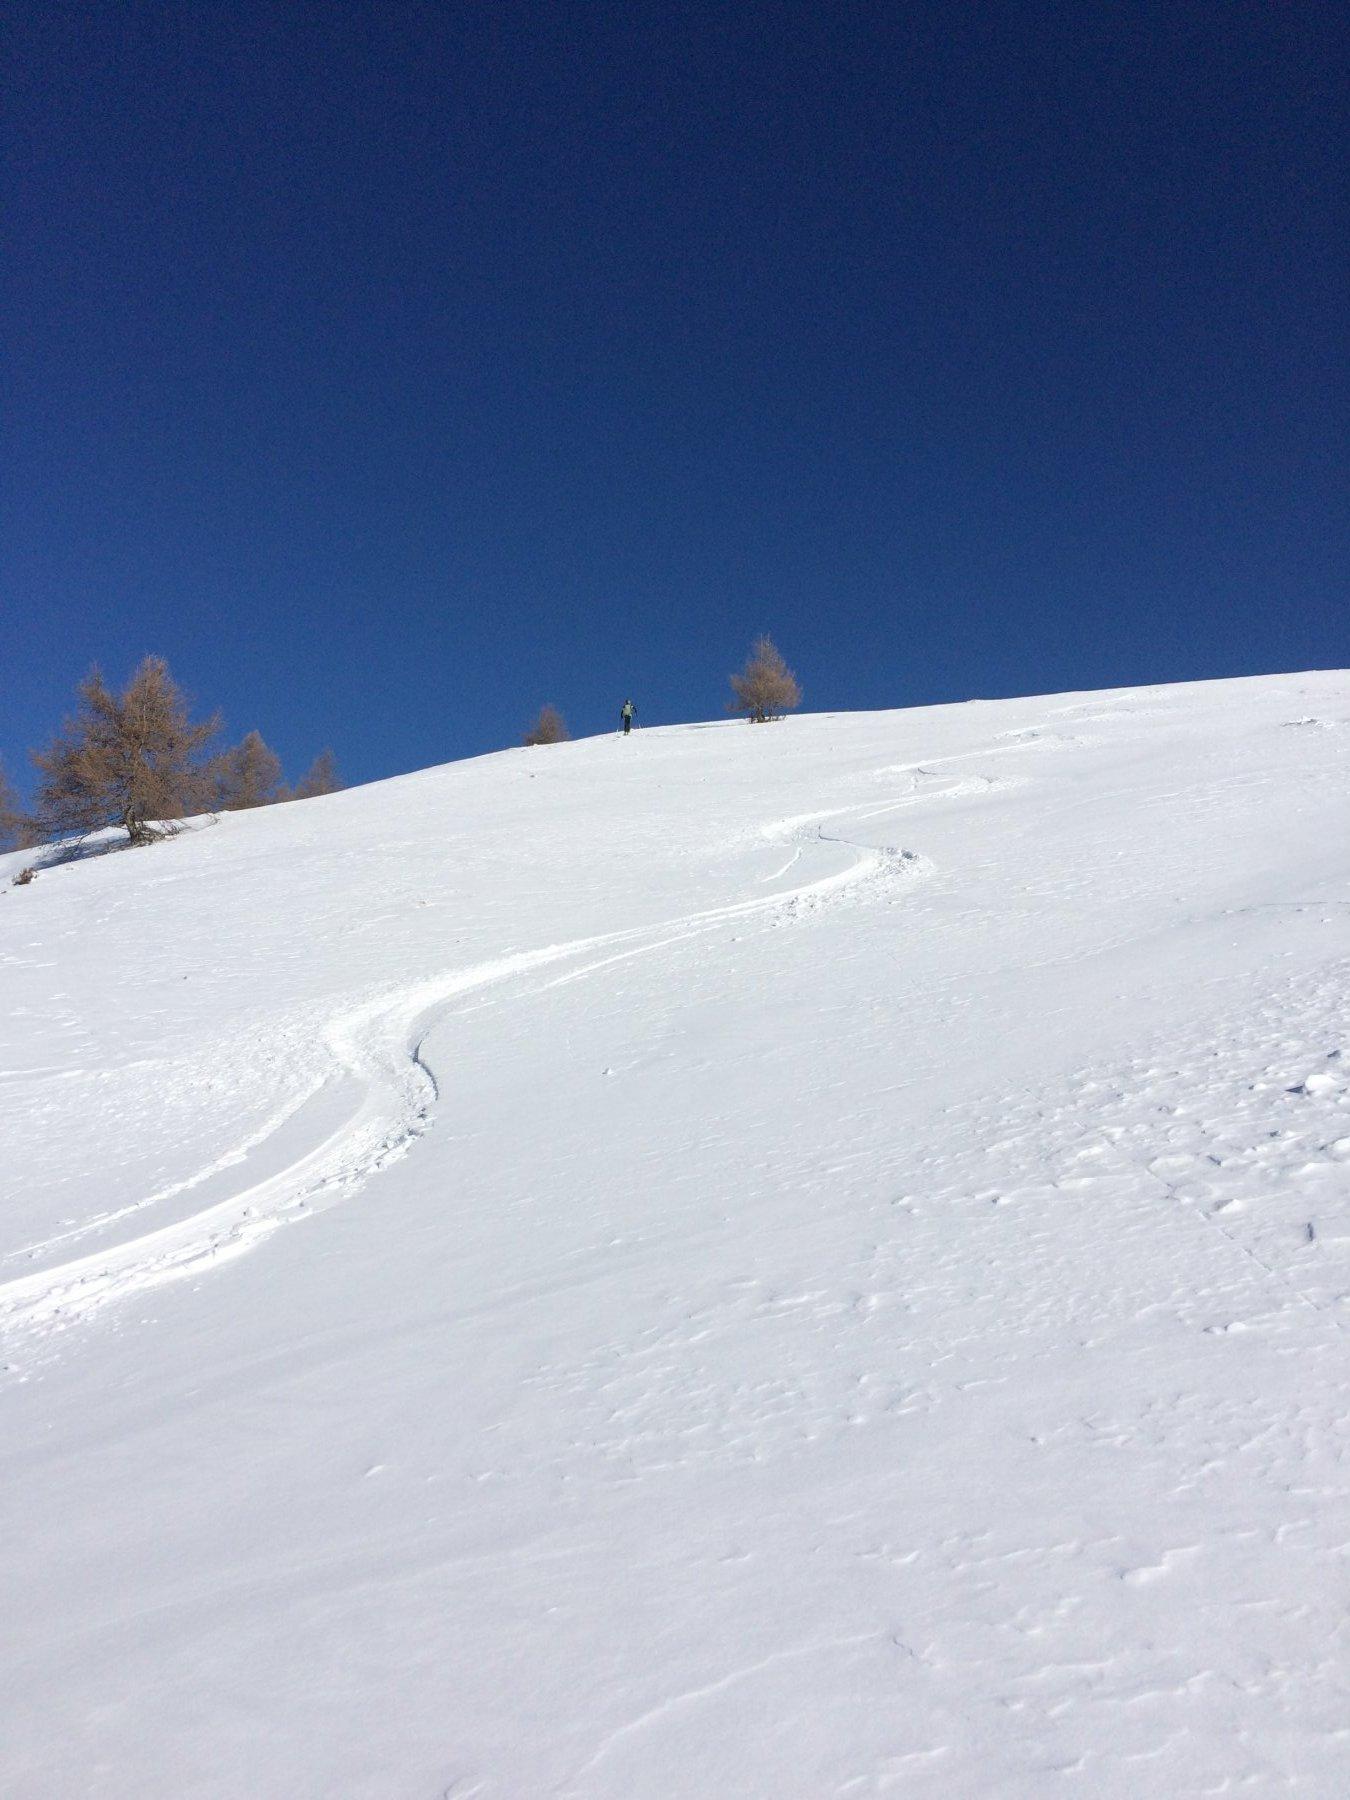 Un bel tratto sotto l'Olino ma....occhio alle pietre a fil di neve